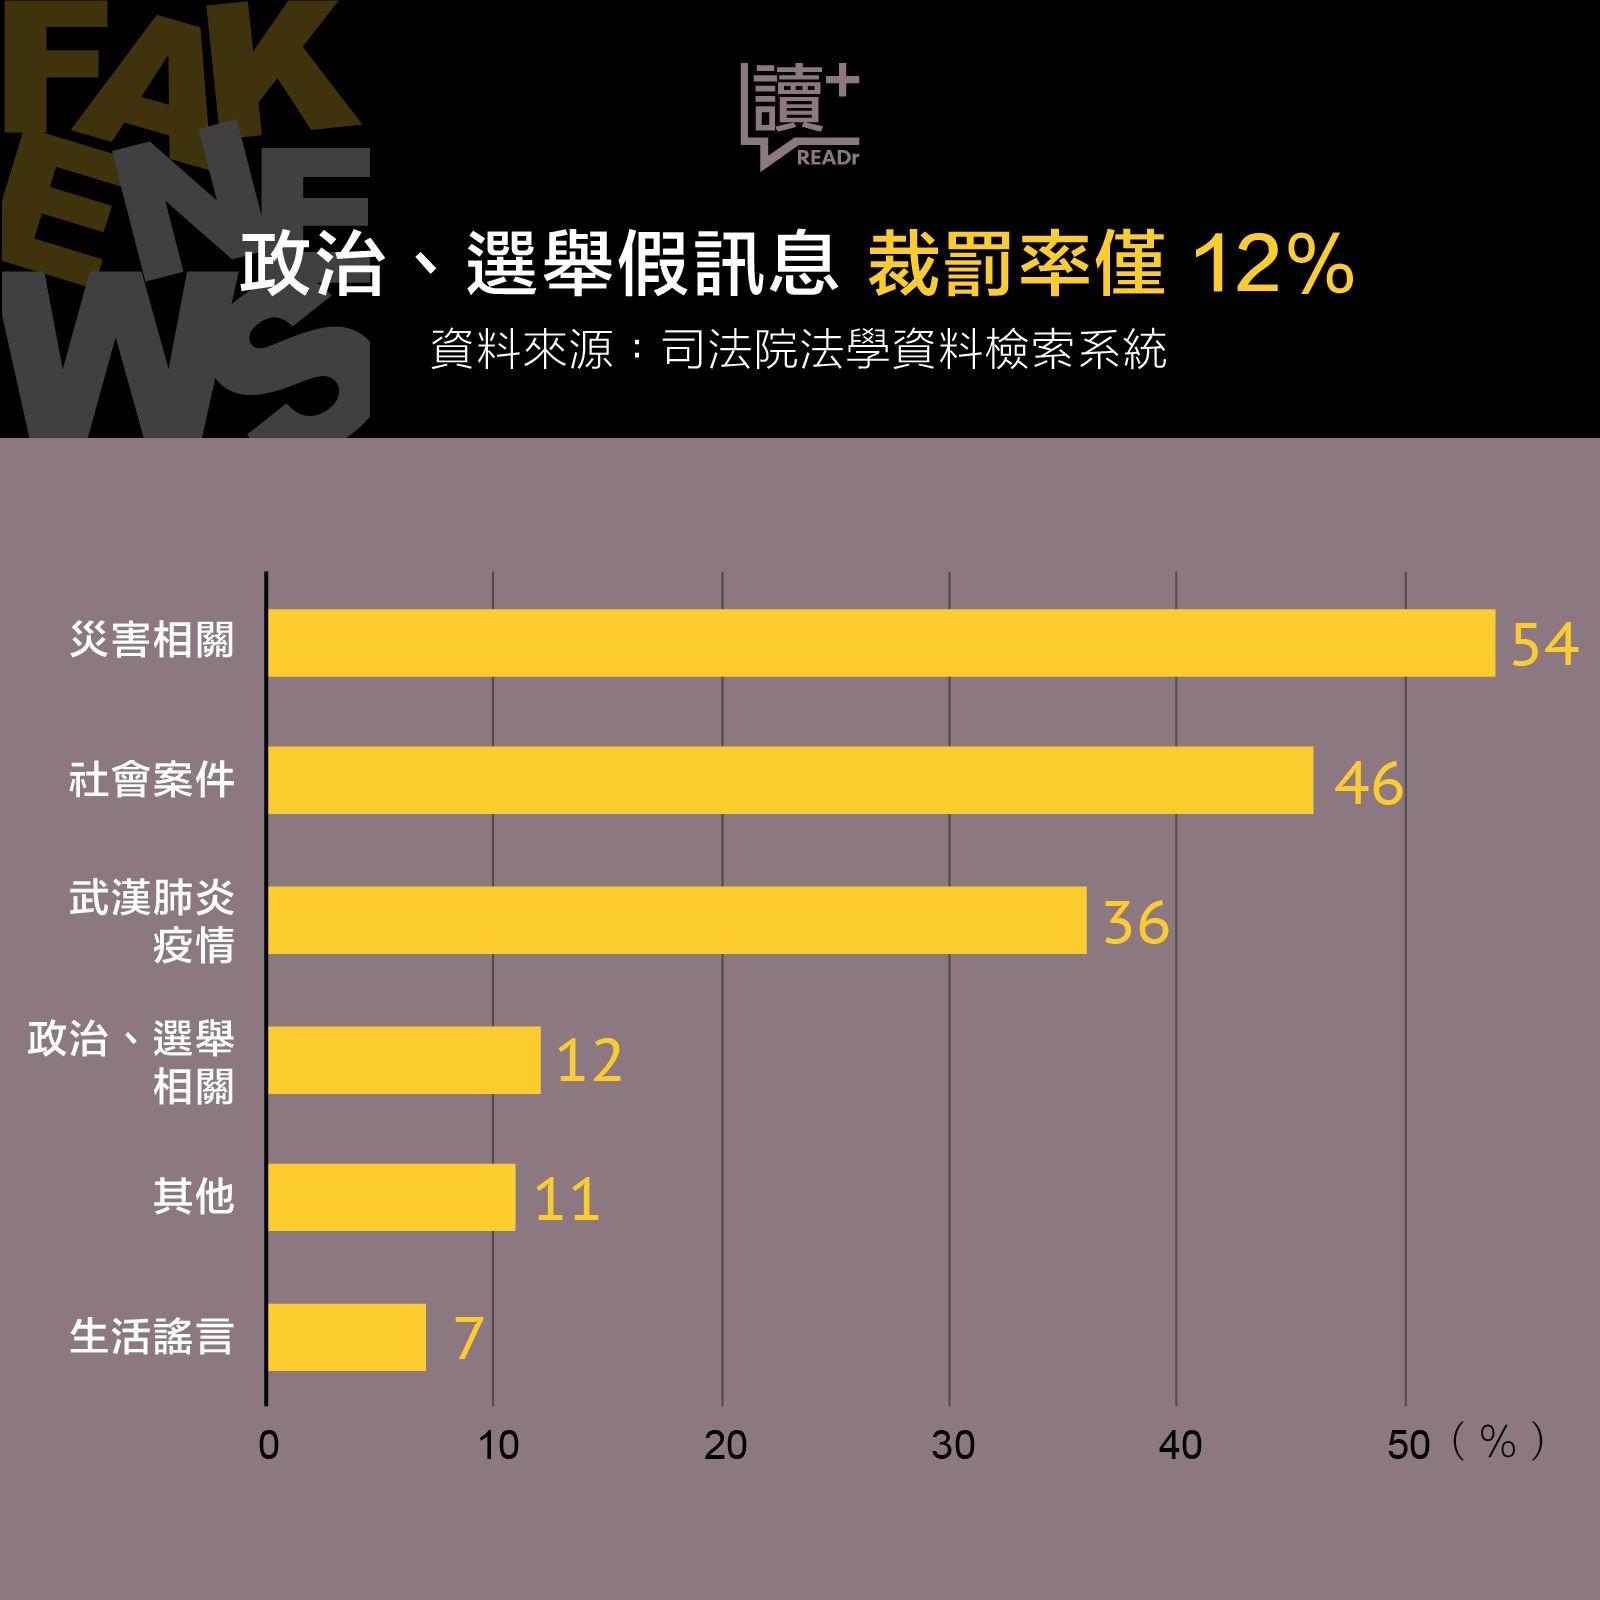 政治、選舉假訊息 判罰率僅 12%